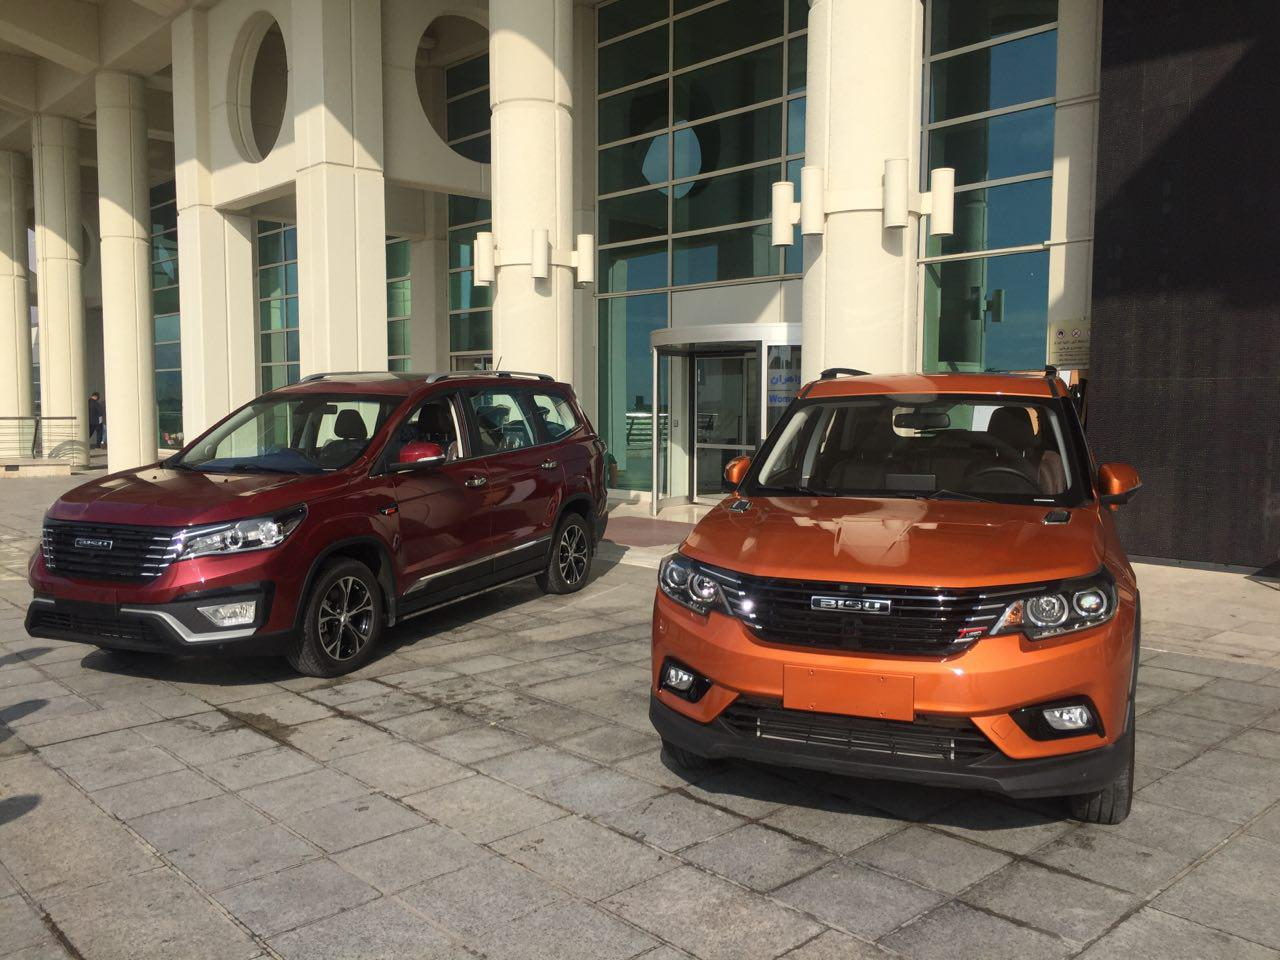 پیش فروش خودروهای شاسی بلند بیسو همزمان بانمایشگاه بین المللی خودرو تهران (+جدول و جزئیات)